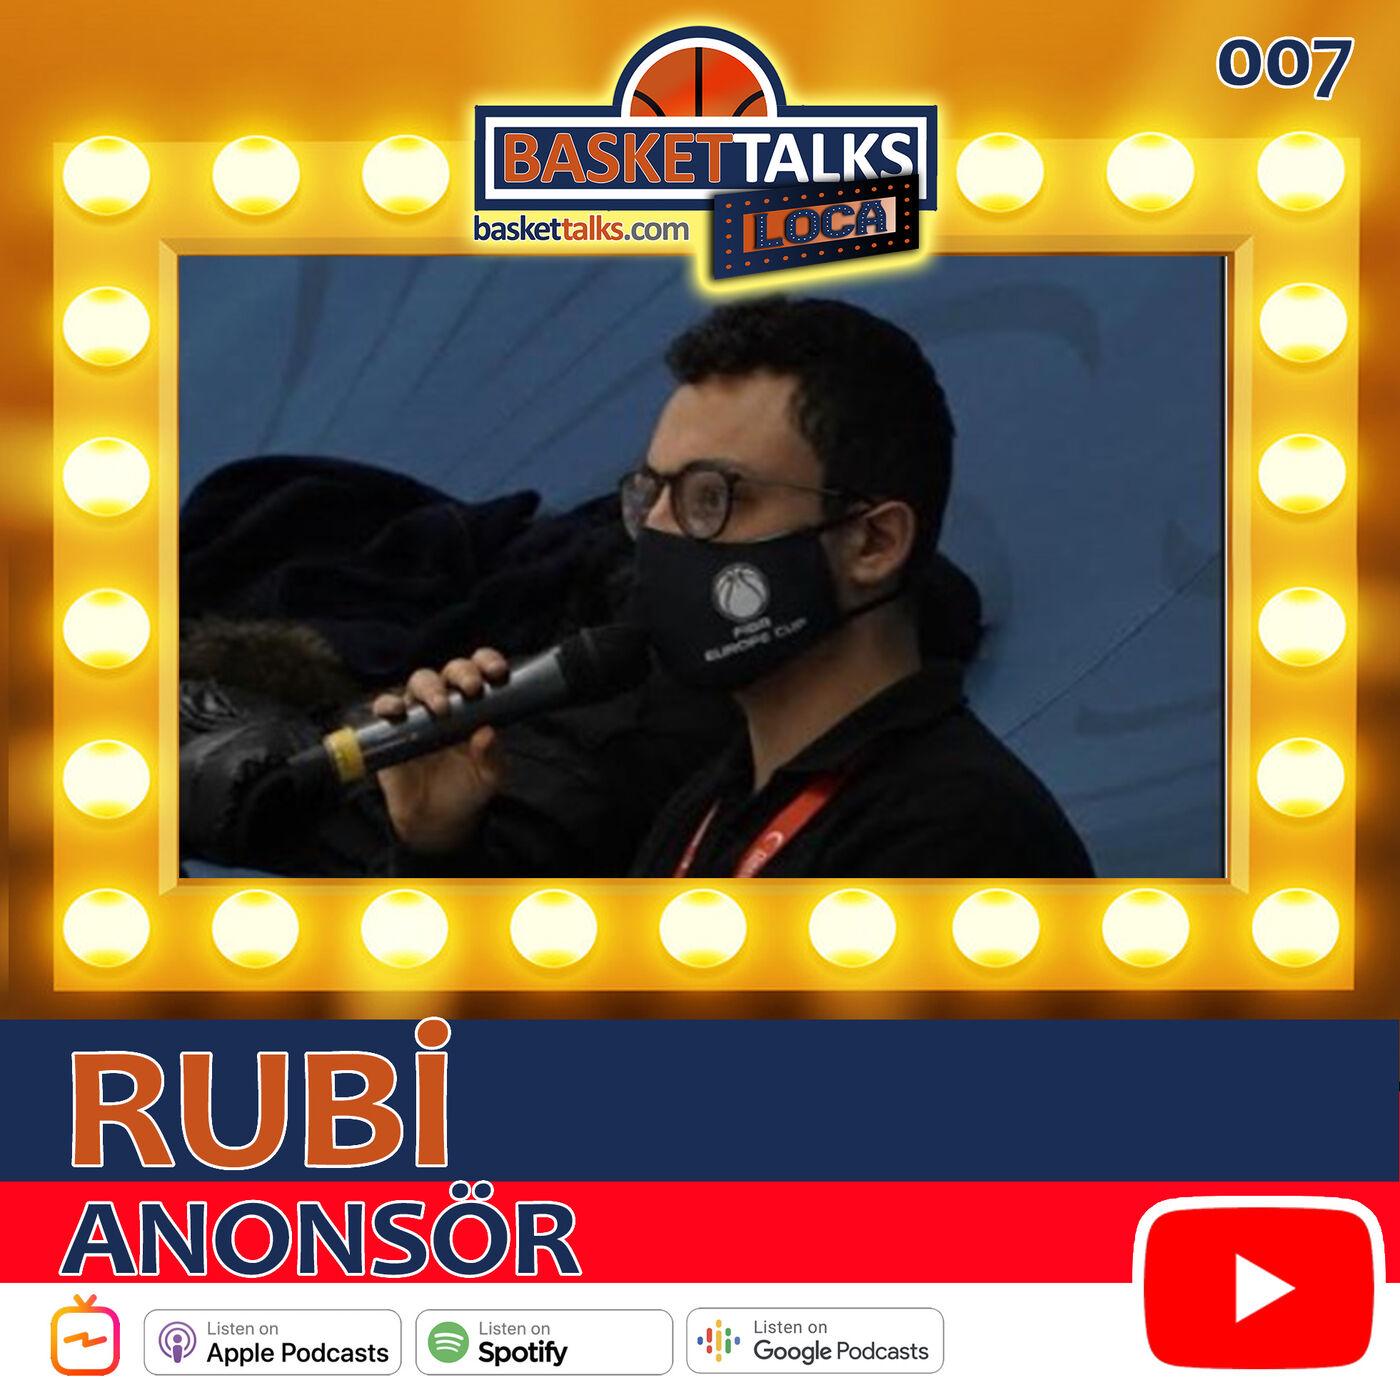 Basket Talks Loca / 007 / RUBİ - Anonsör